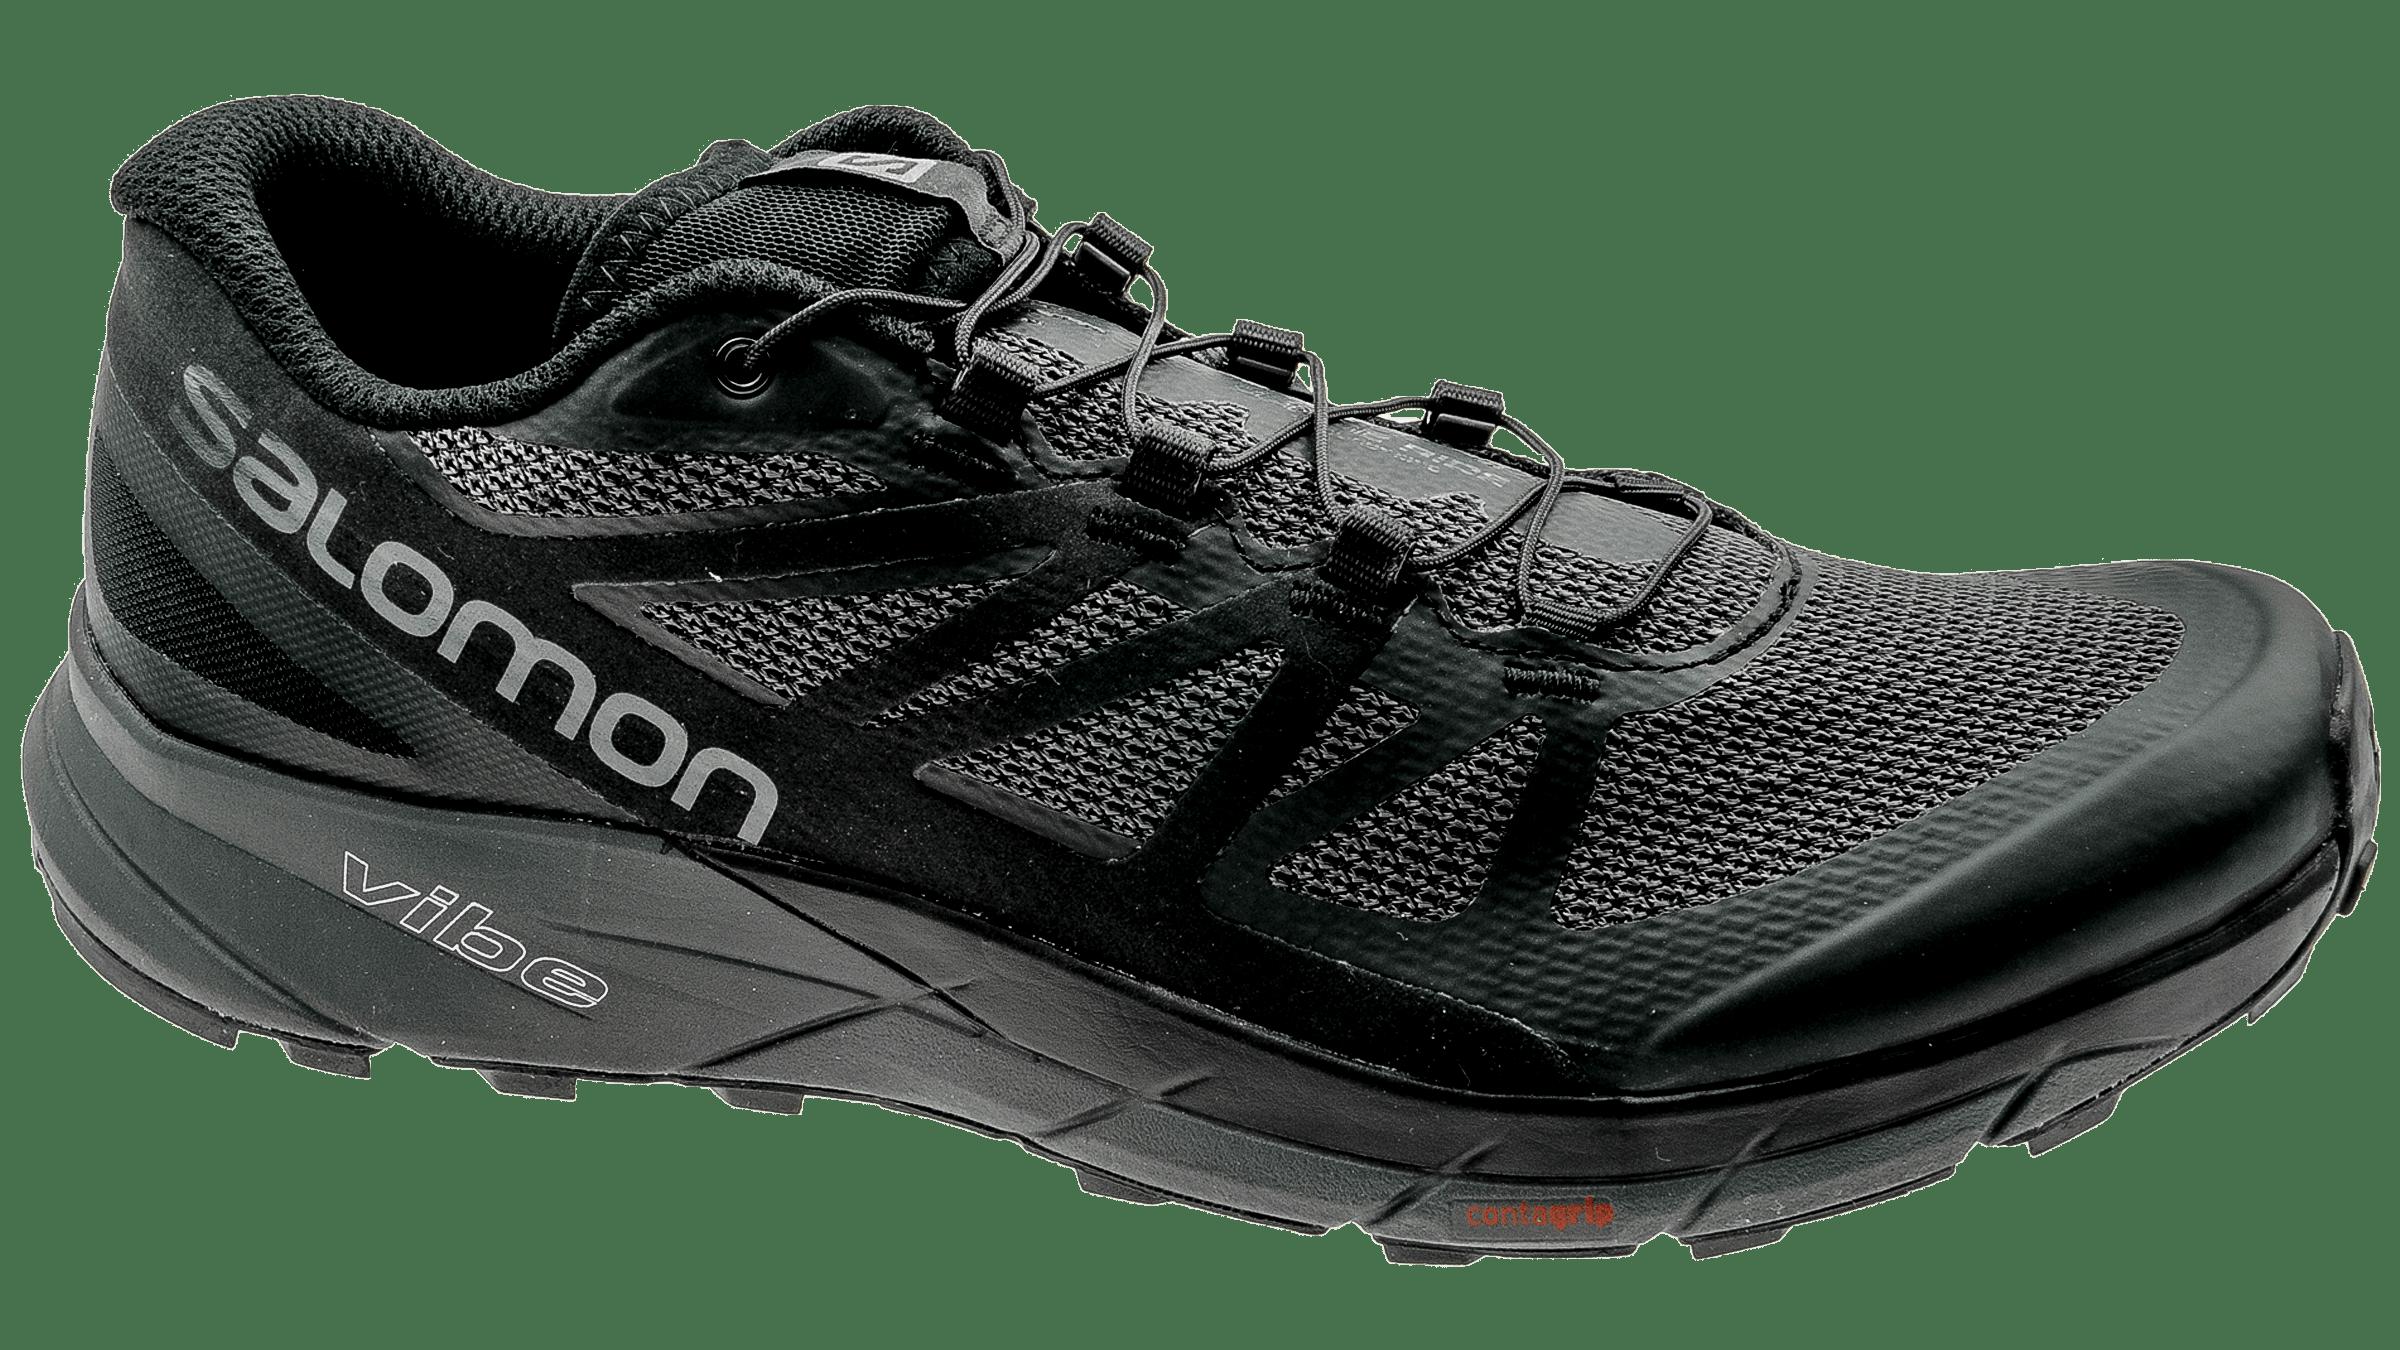 Salomon Sense Ride Chaussures running Homme, blackblackmagnet